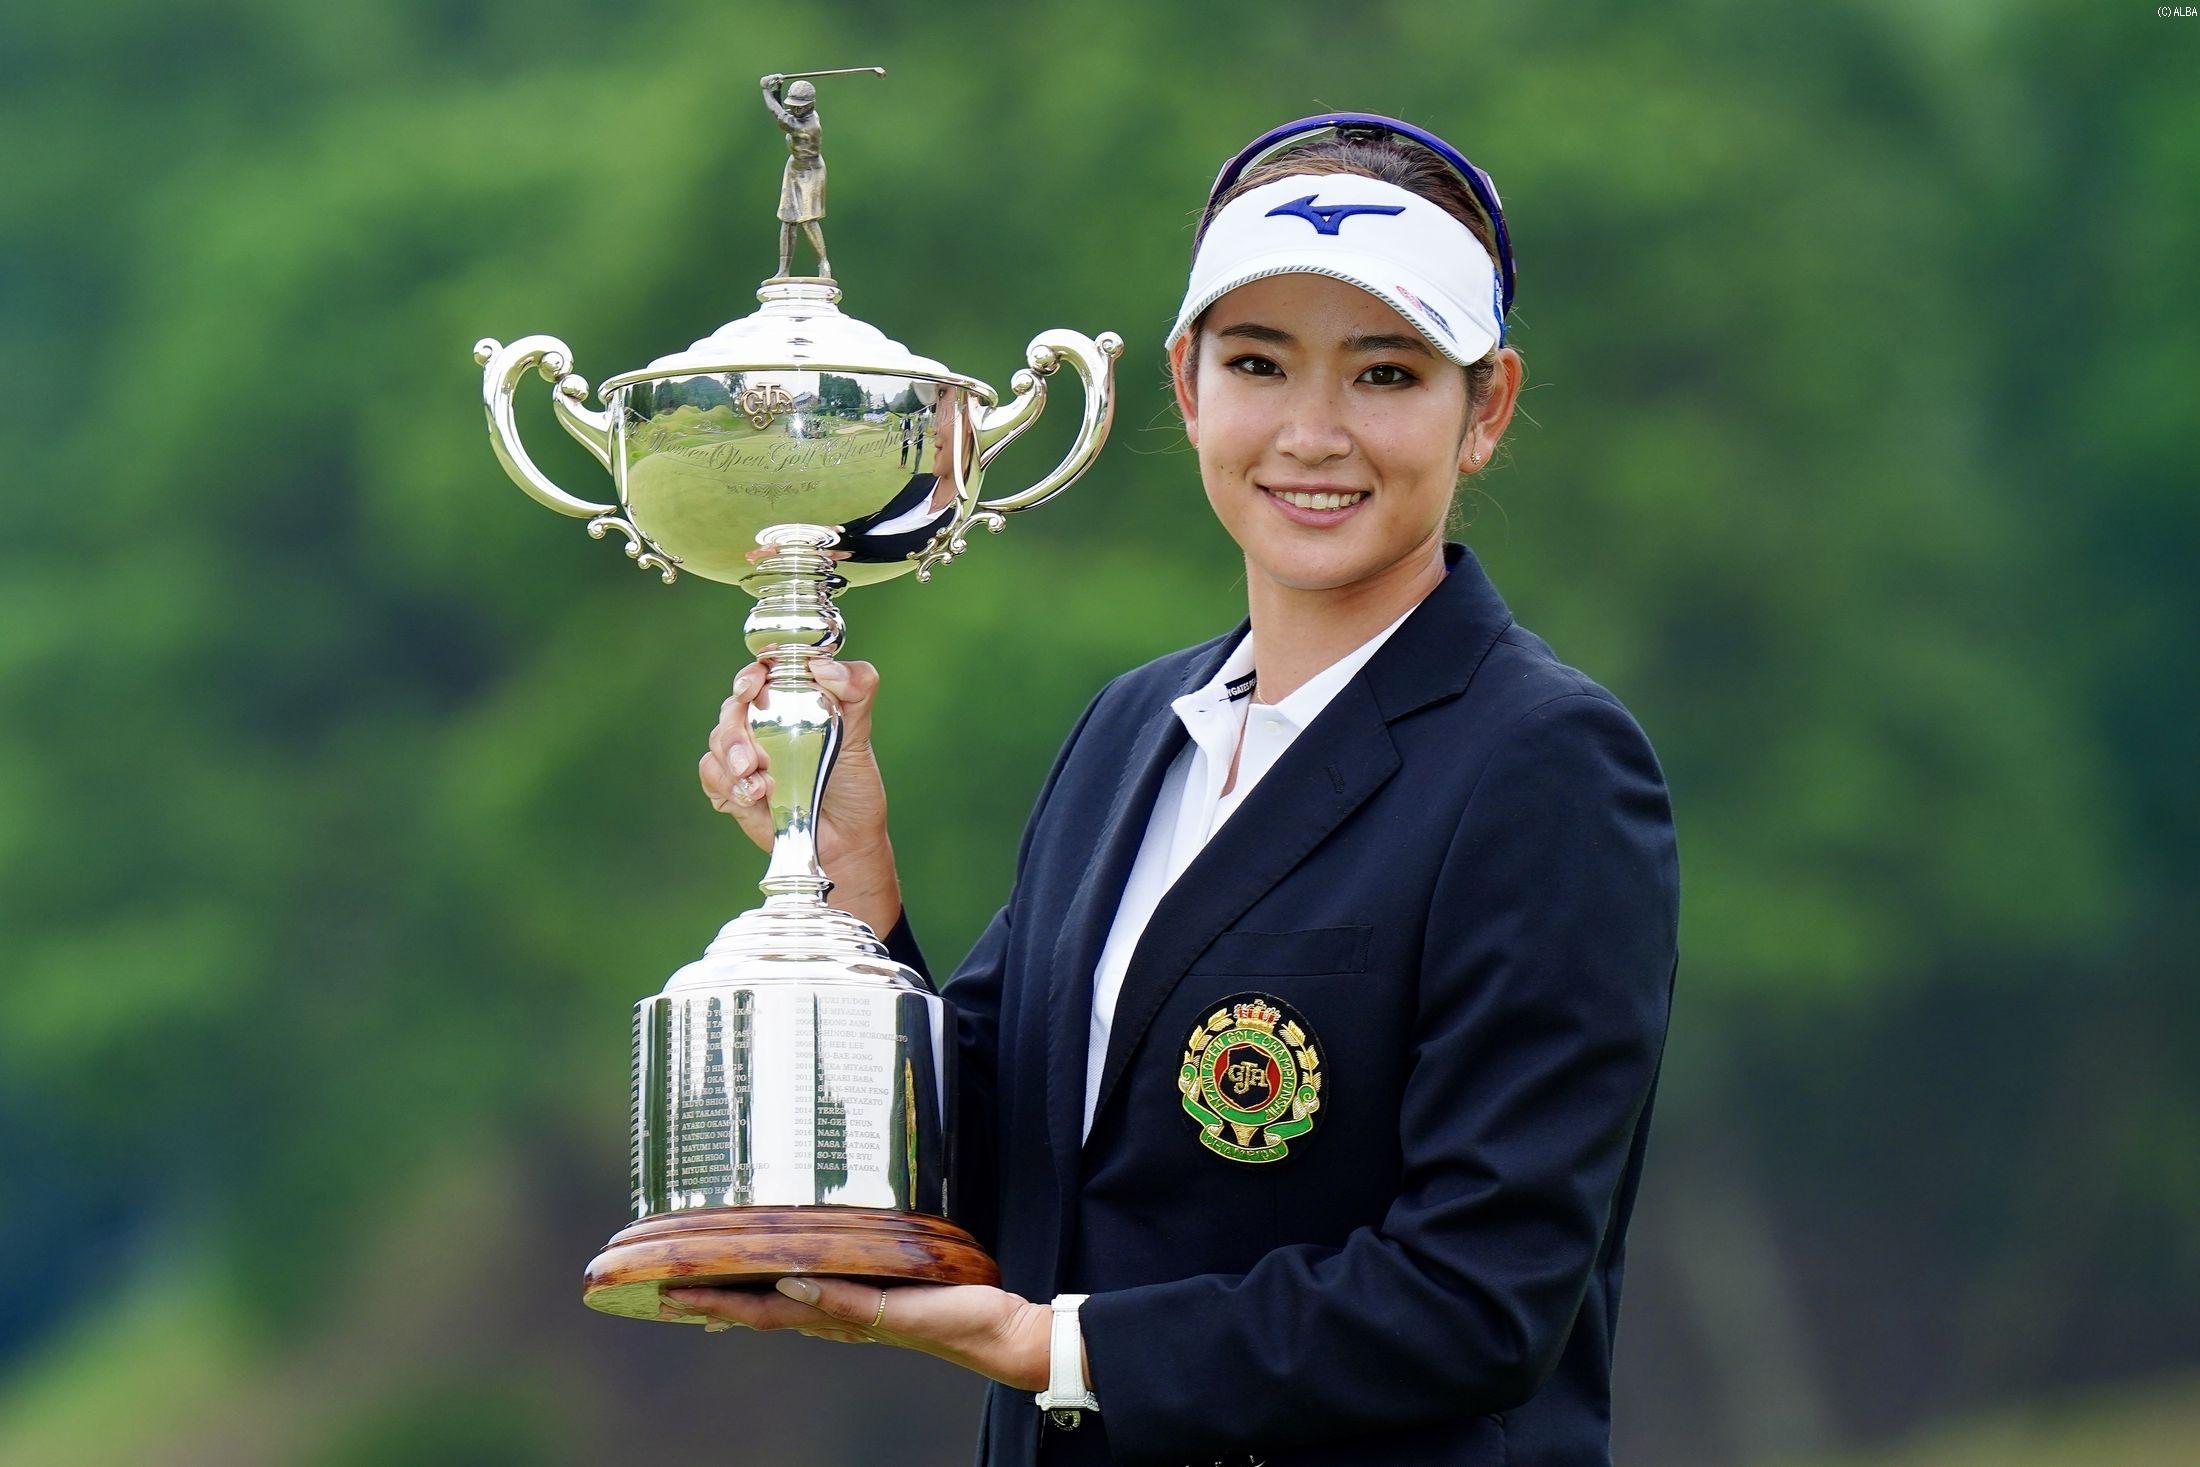 日本 女子 オープン 2020 【2020】日本女子オープンゴルフ選手権|JLPGA|日本女子プロゴルフ協...